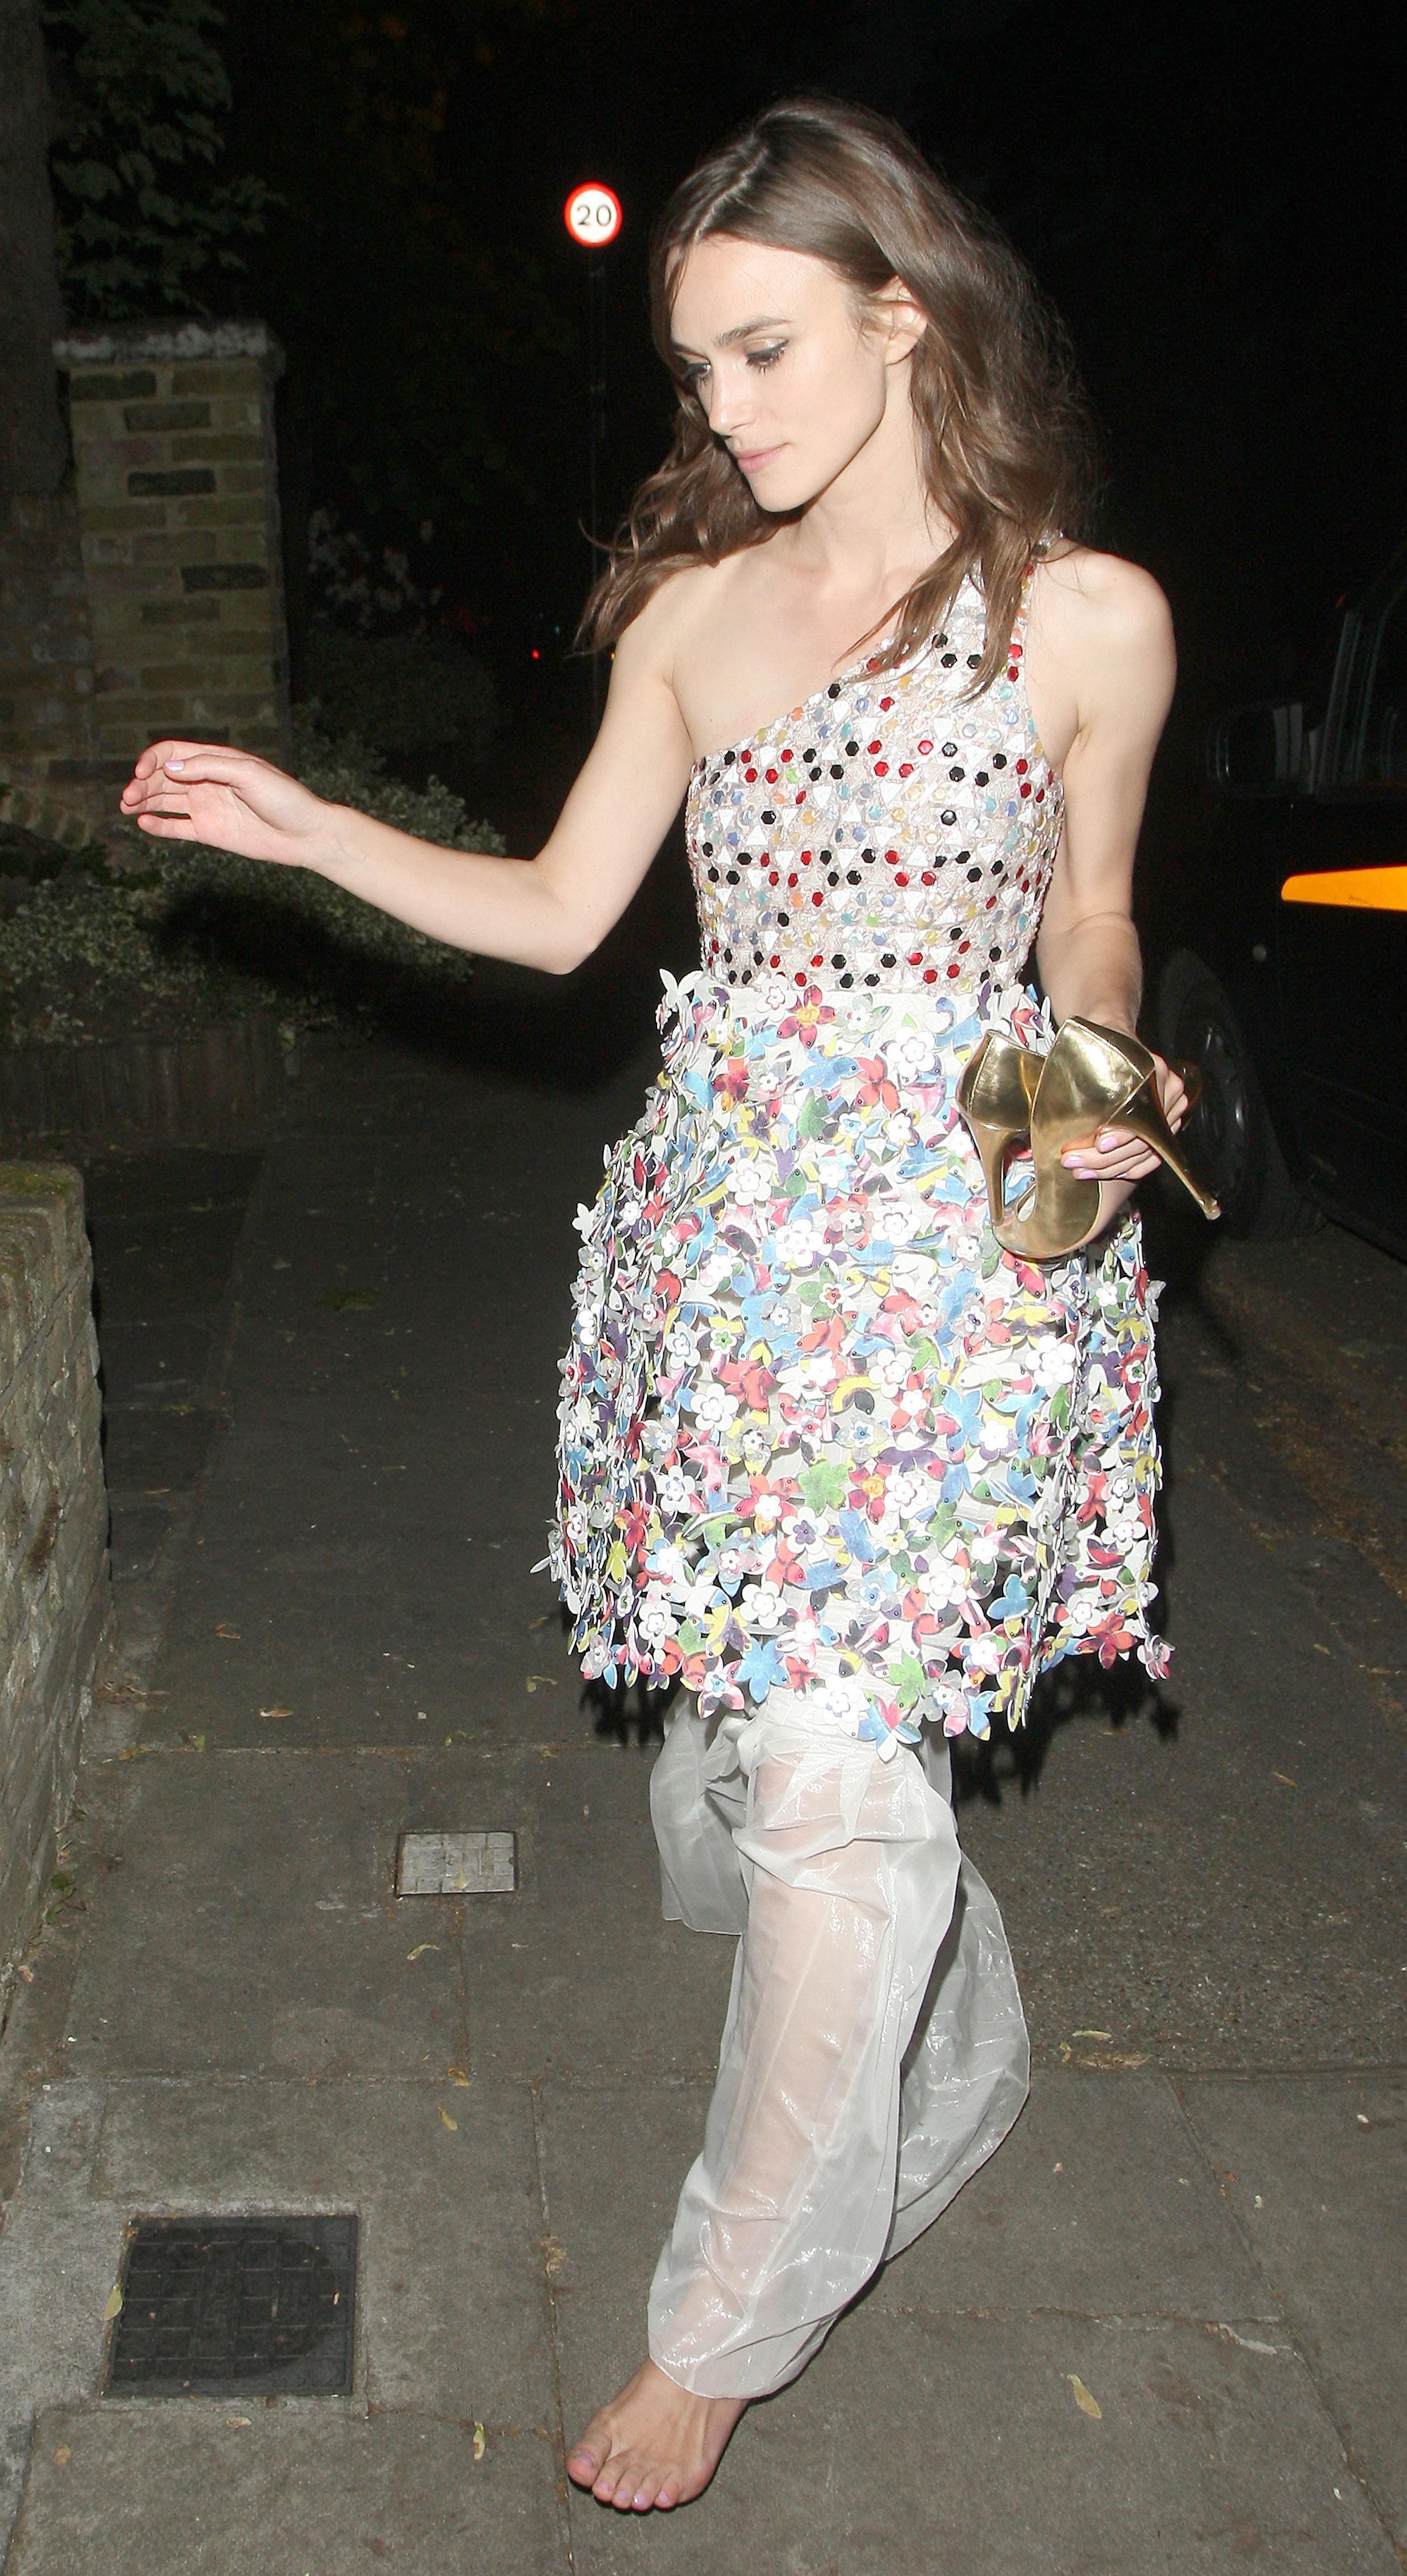 https://pics.wikifeet.com/Keira-Knightley-Feet-1385679.jpg